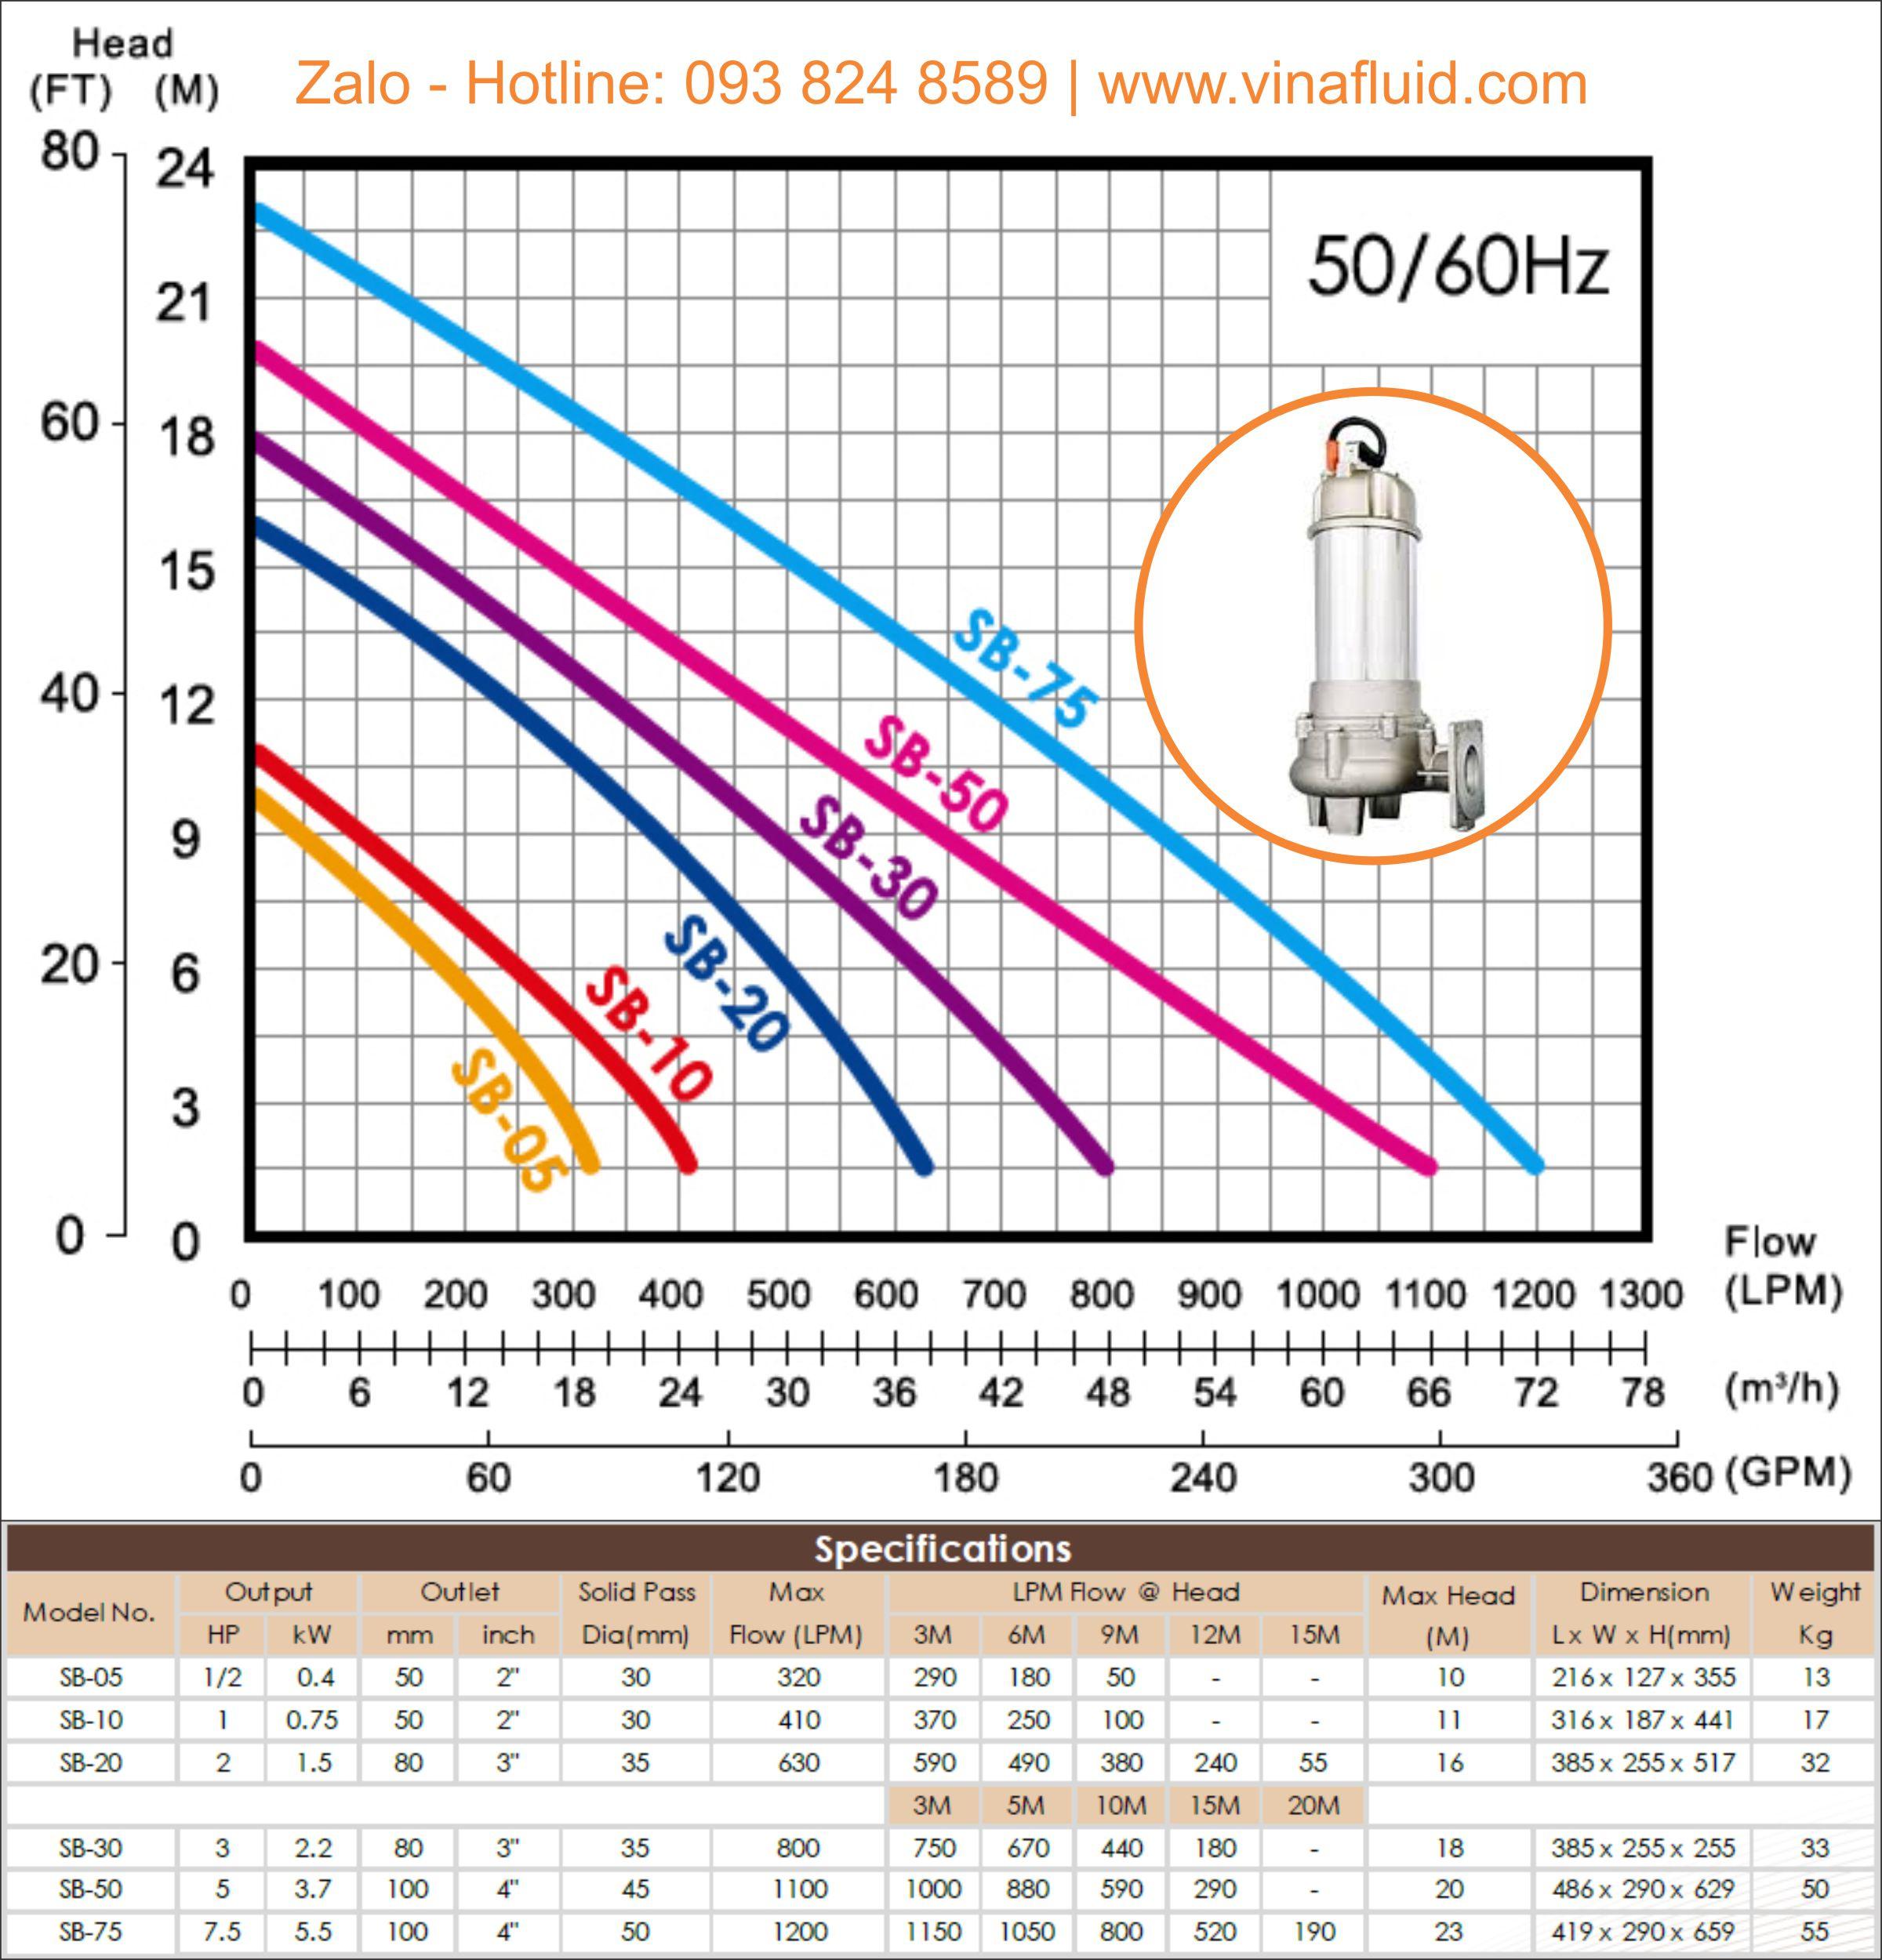 Bơm hóa chất thả chìm - Bơm Axit và nước thải APP dòng SB